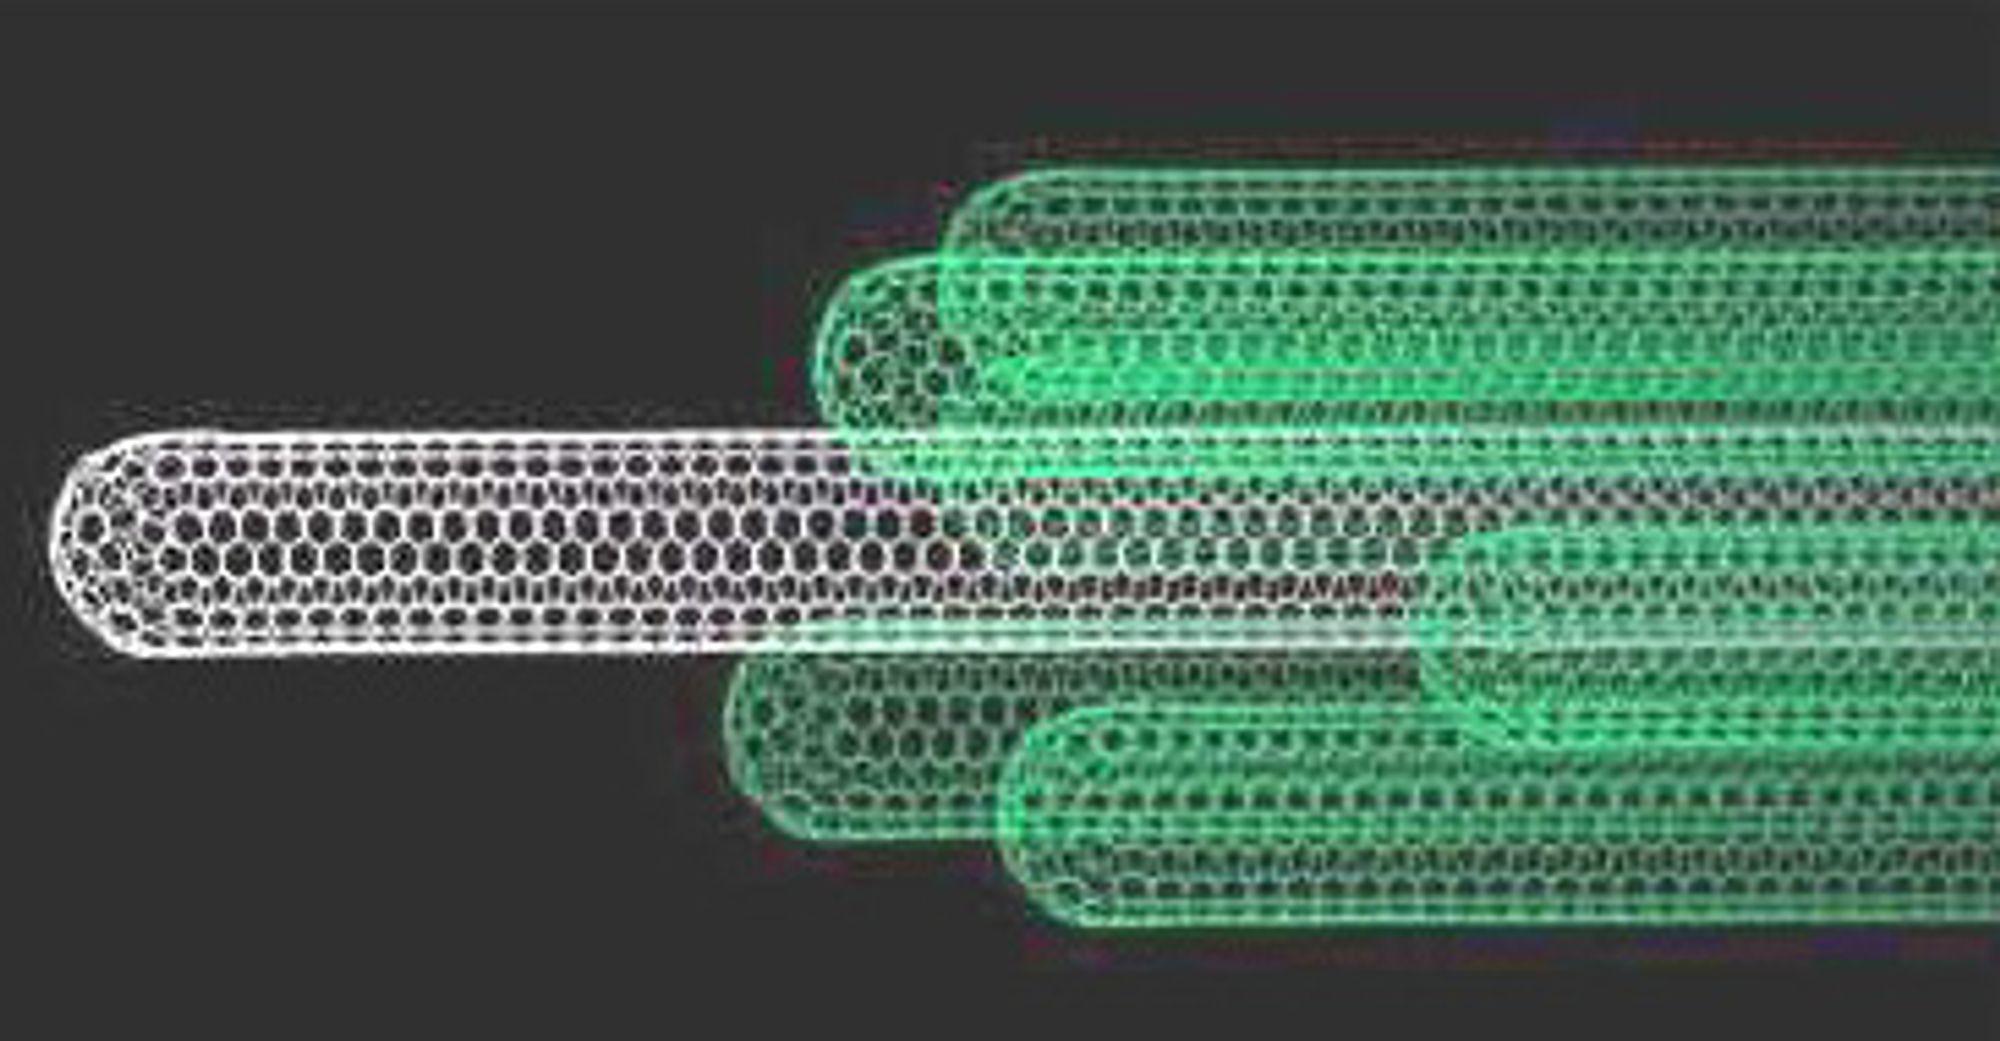 Nanorør med aktivt virkestoff kan bli framtidas viktigste medisinske verktøy. Ill: arkiv